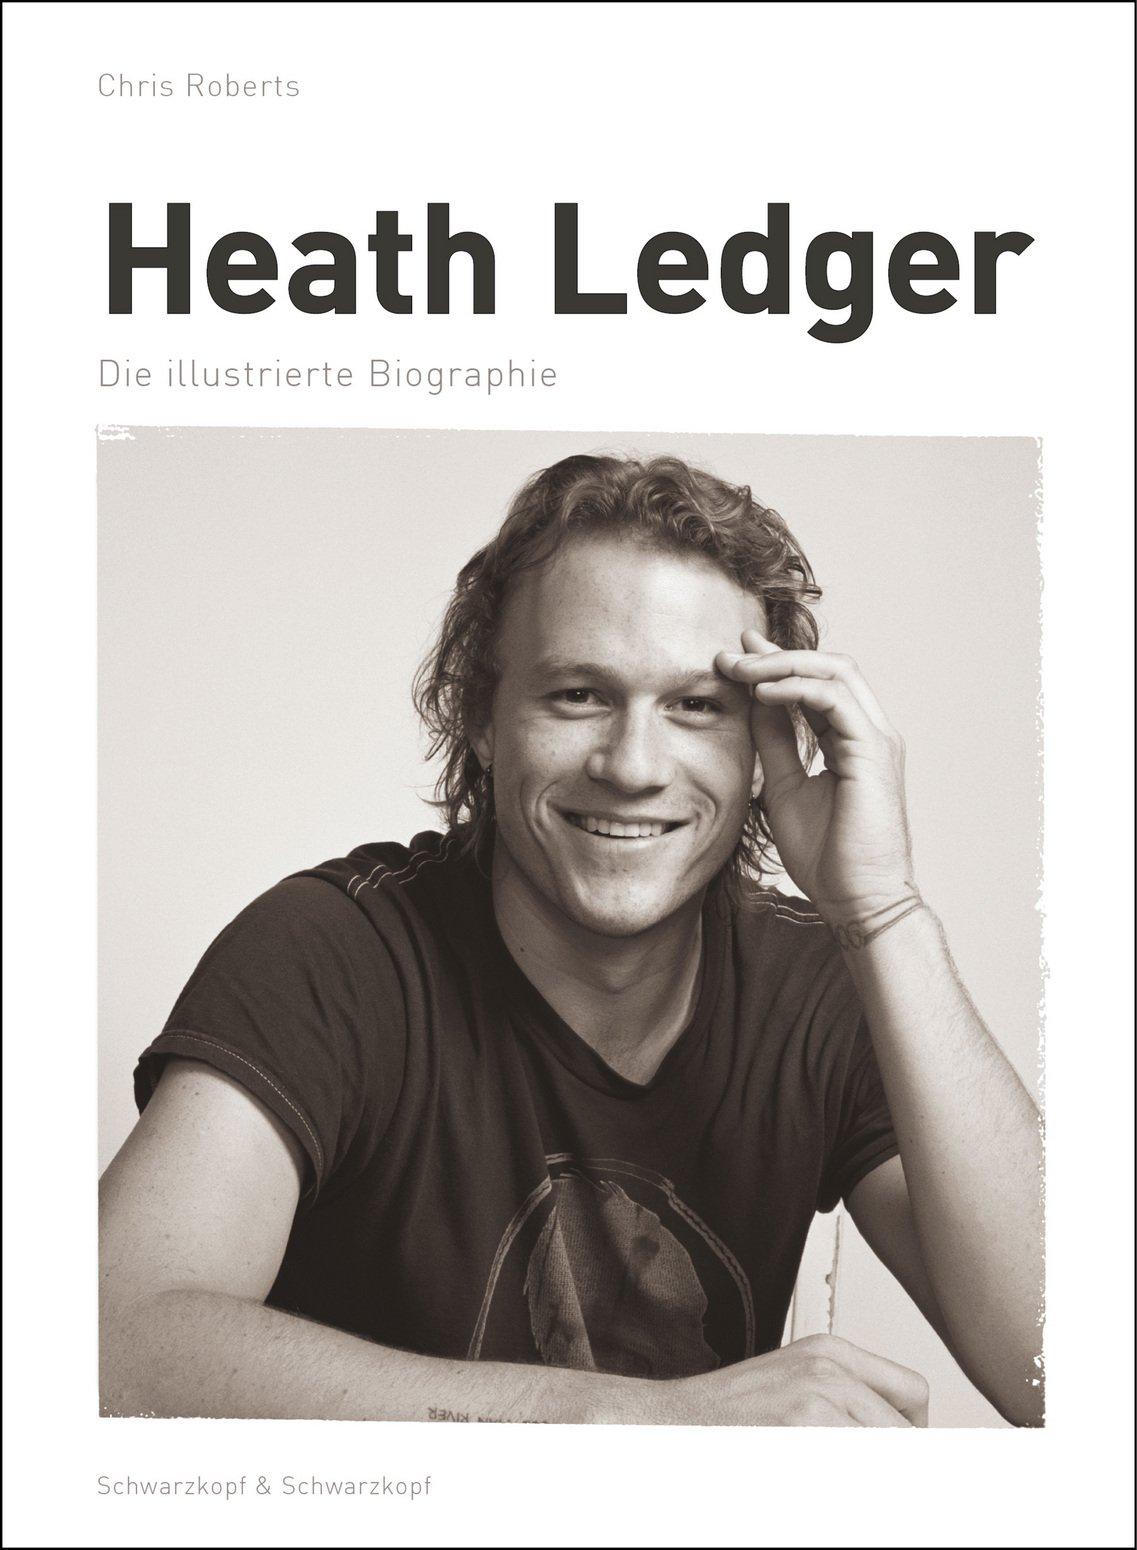 Heath Ledger: Die illustrierte Biographie